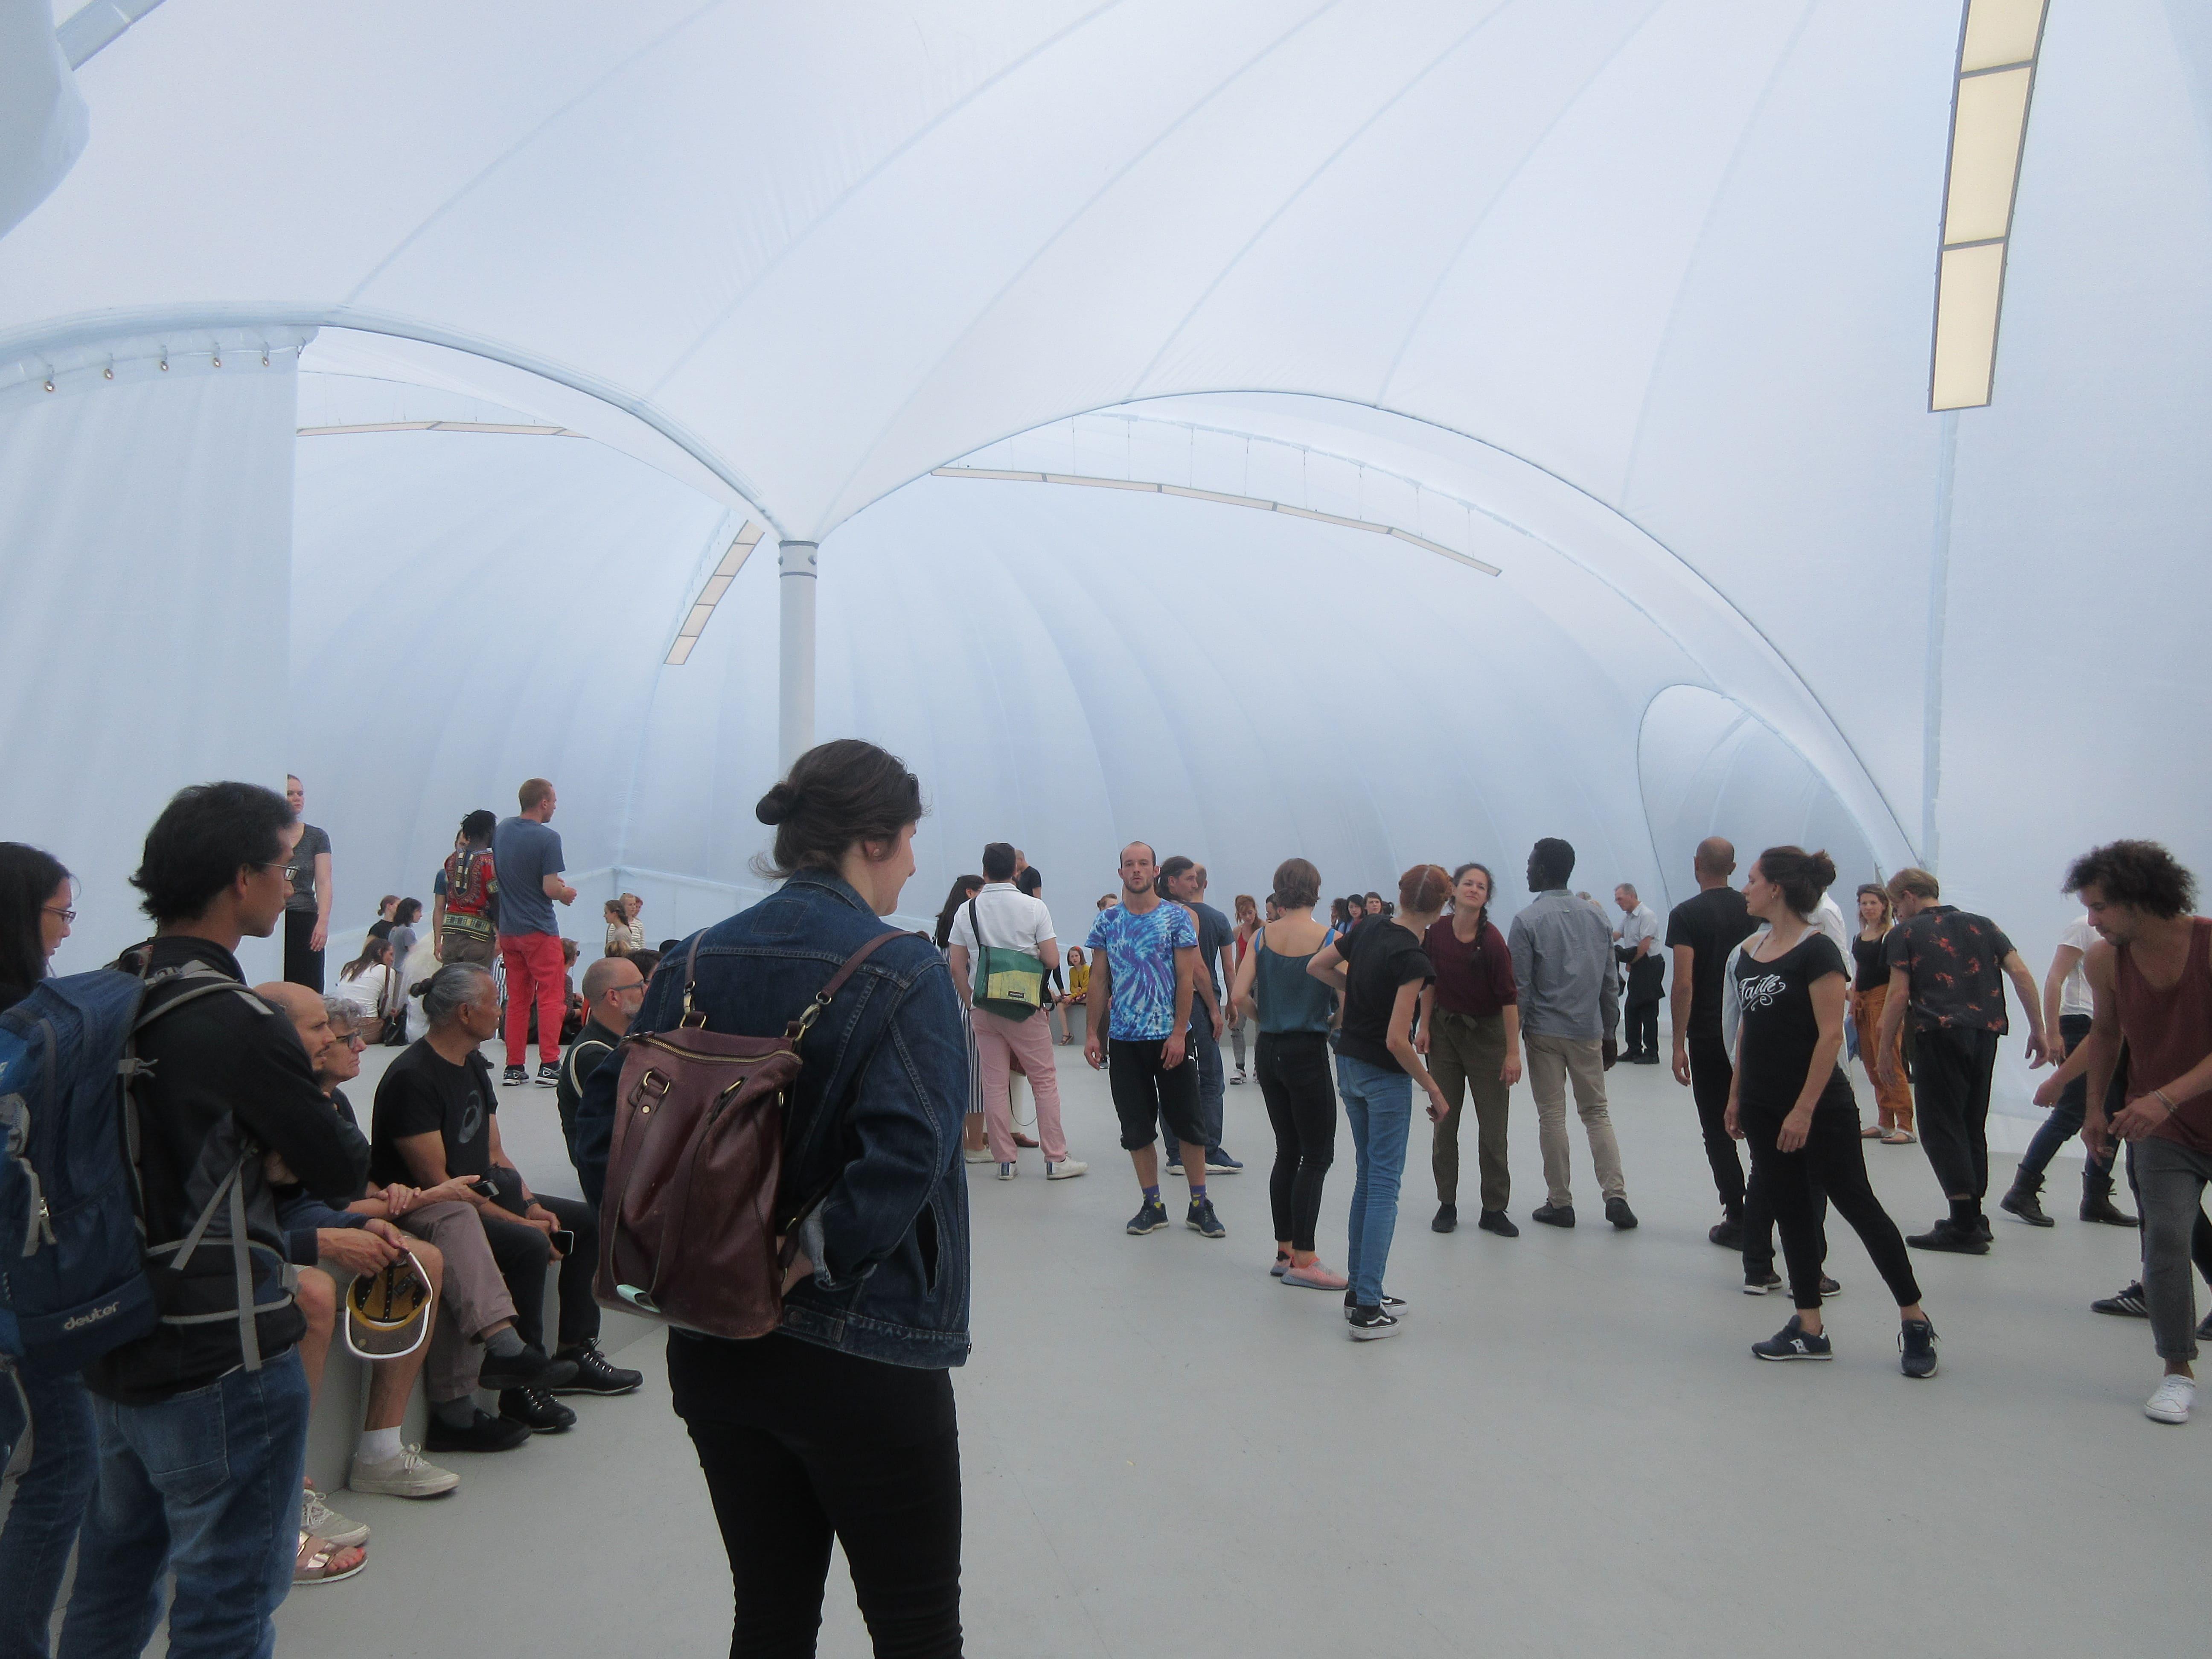 会場外の特設ブースでは、アレクサンドラ・ピリチによる体験型パフォーマンスの上演が行われた。